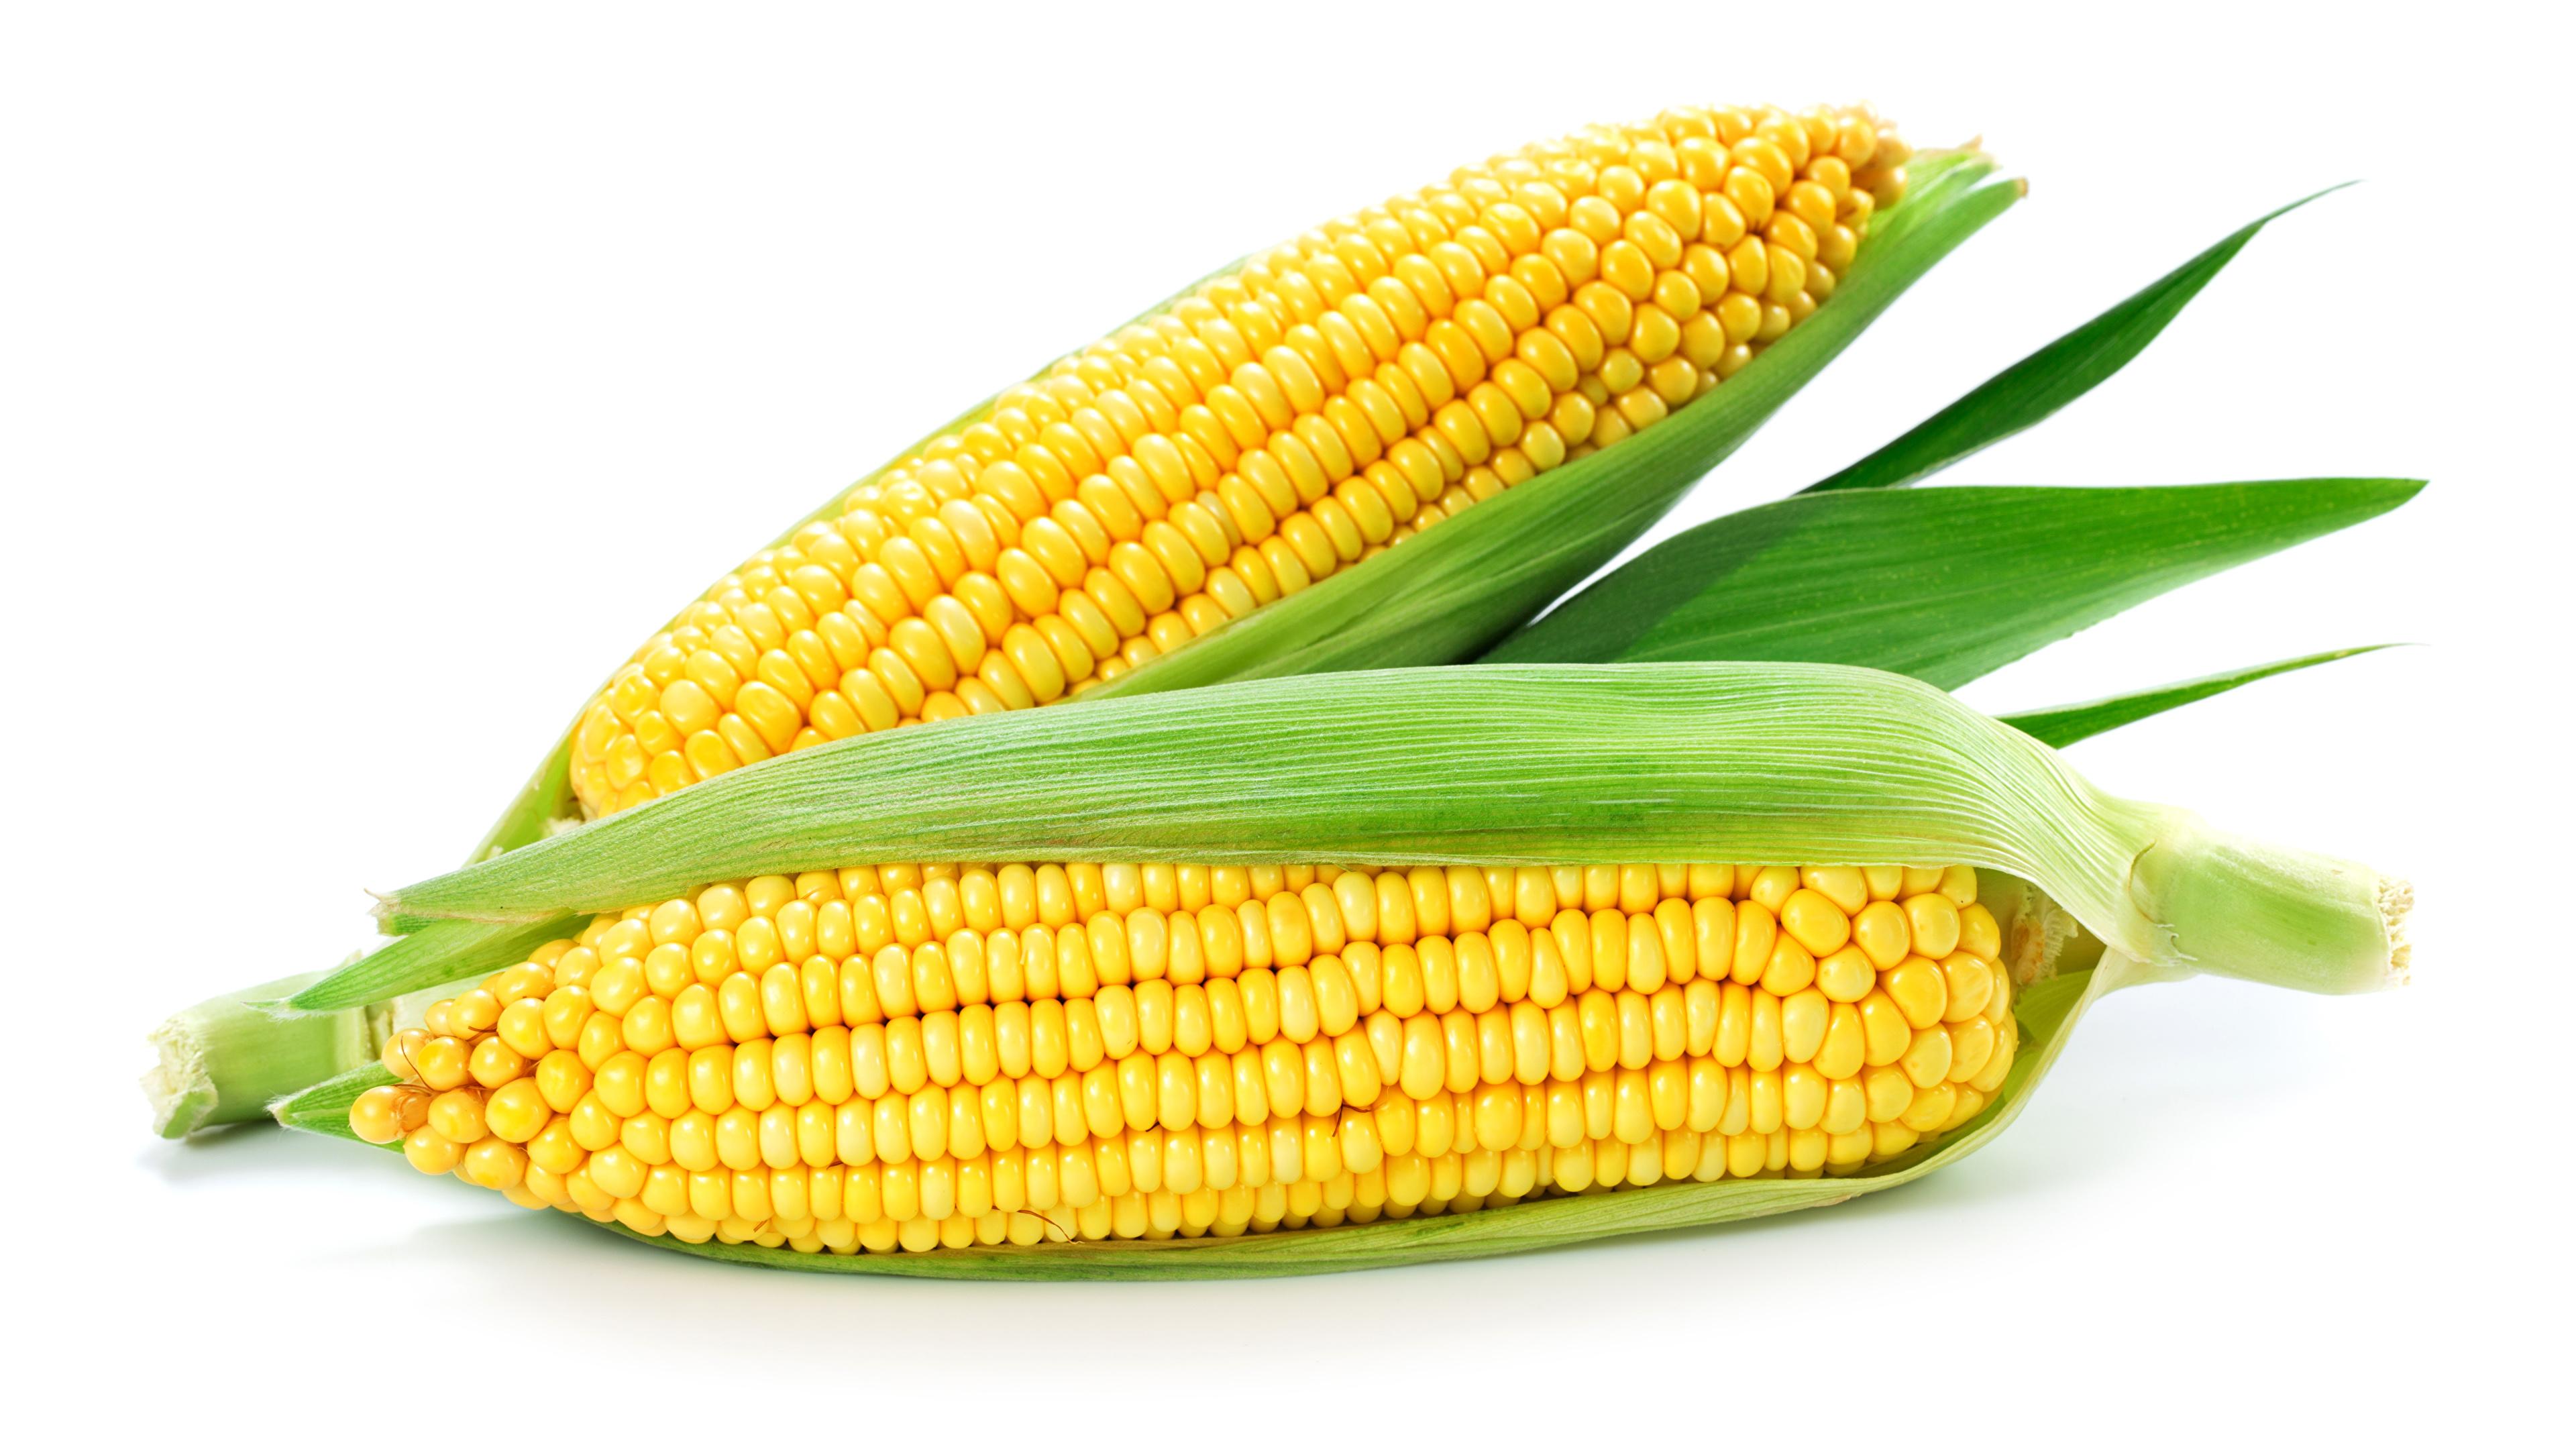 Картинка Двое Кукуруза Еда Овощи белым фоном 3840x2160 2 два две вдвоем Пища Продукты питания Белый фон белом фоне